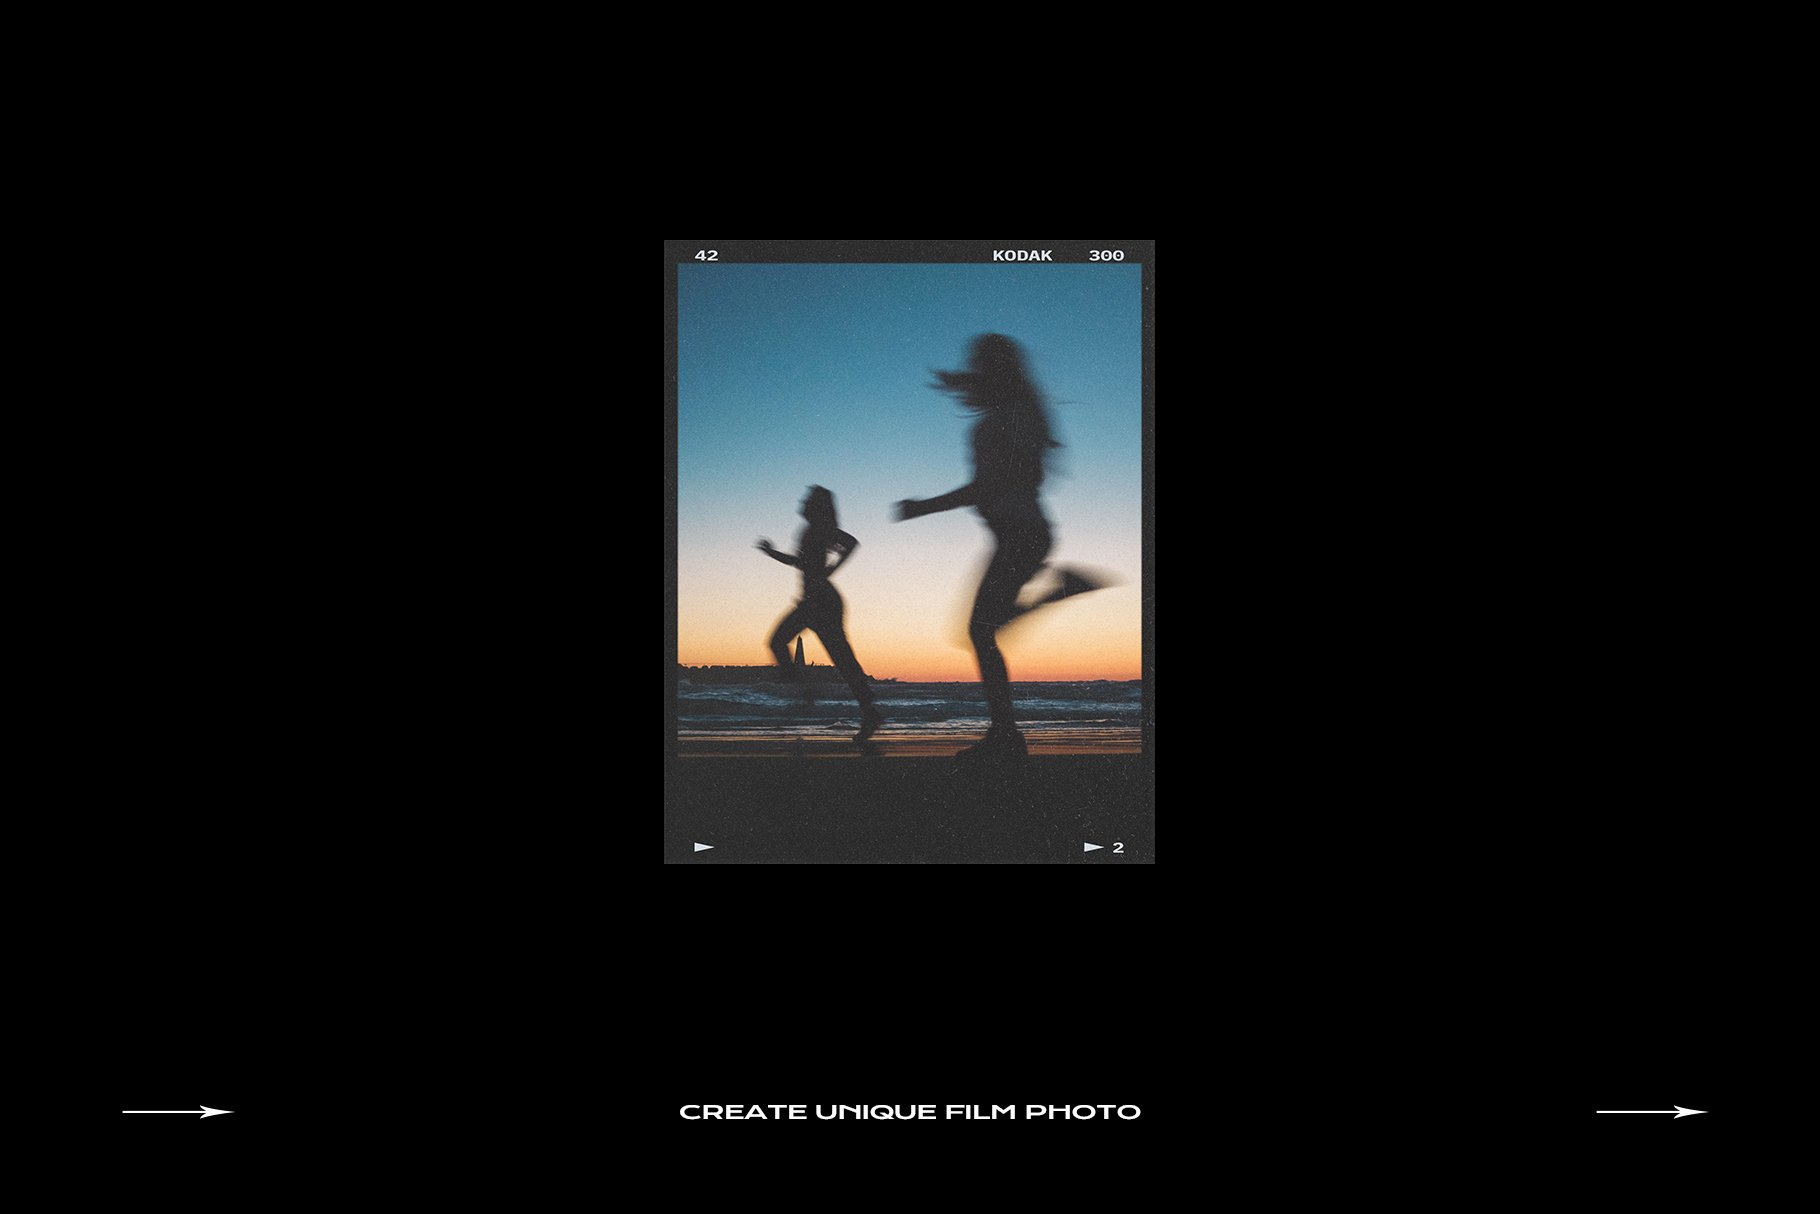 120款复古质感胶卷底片相片边框特效滤镜样机模板 Film Frame Mockup Template Bundle插图(50)